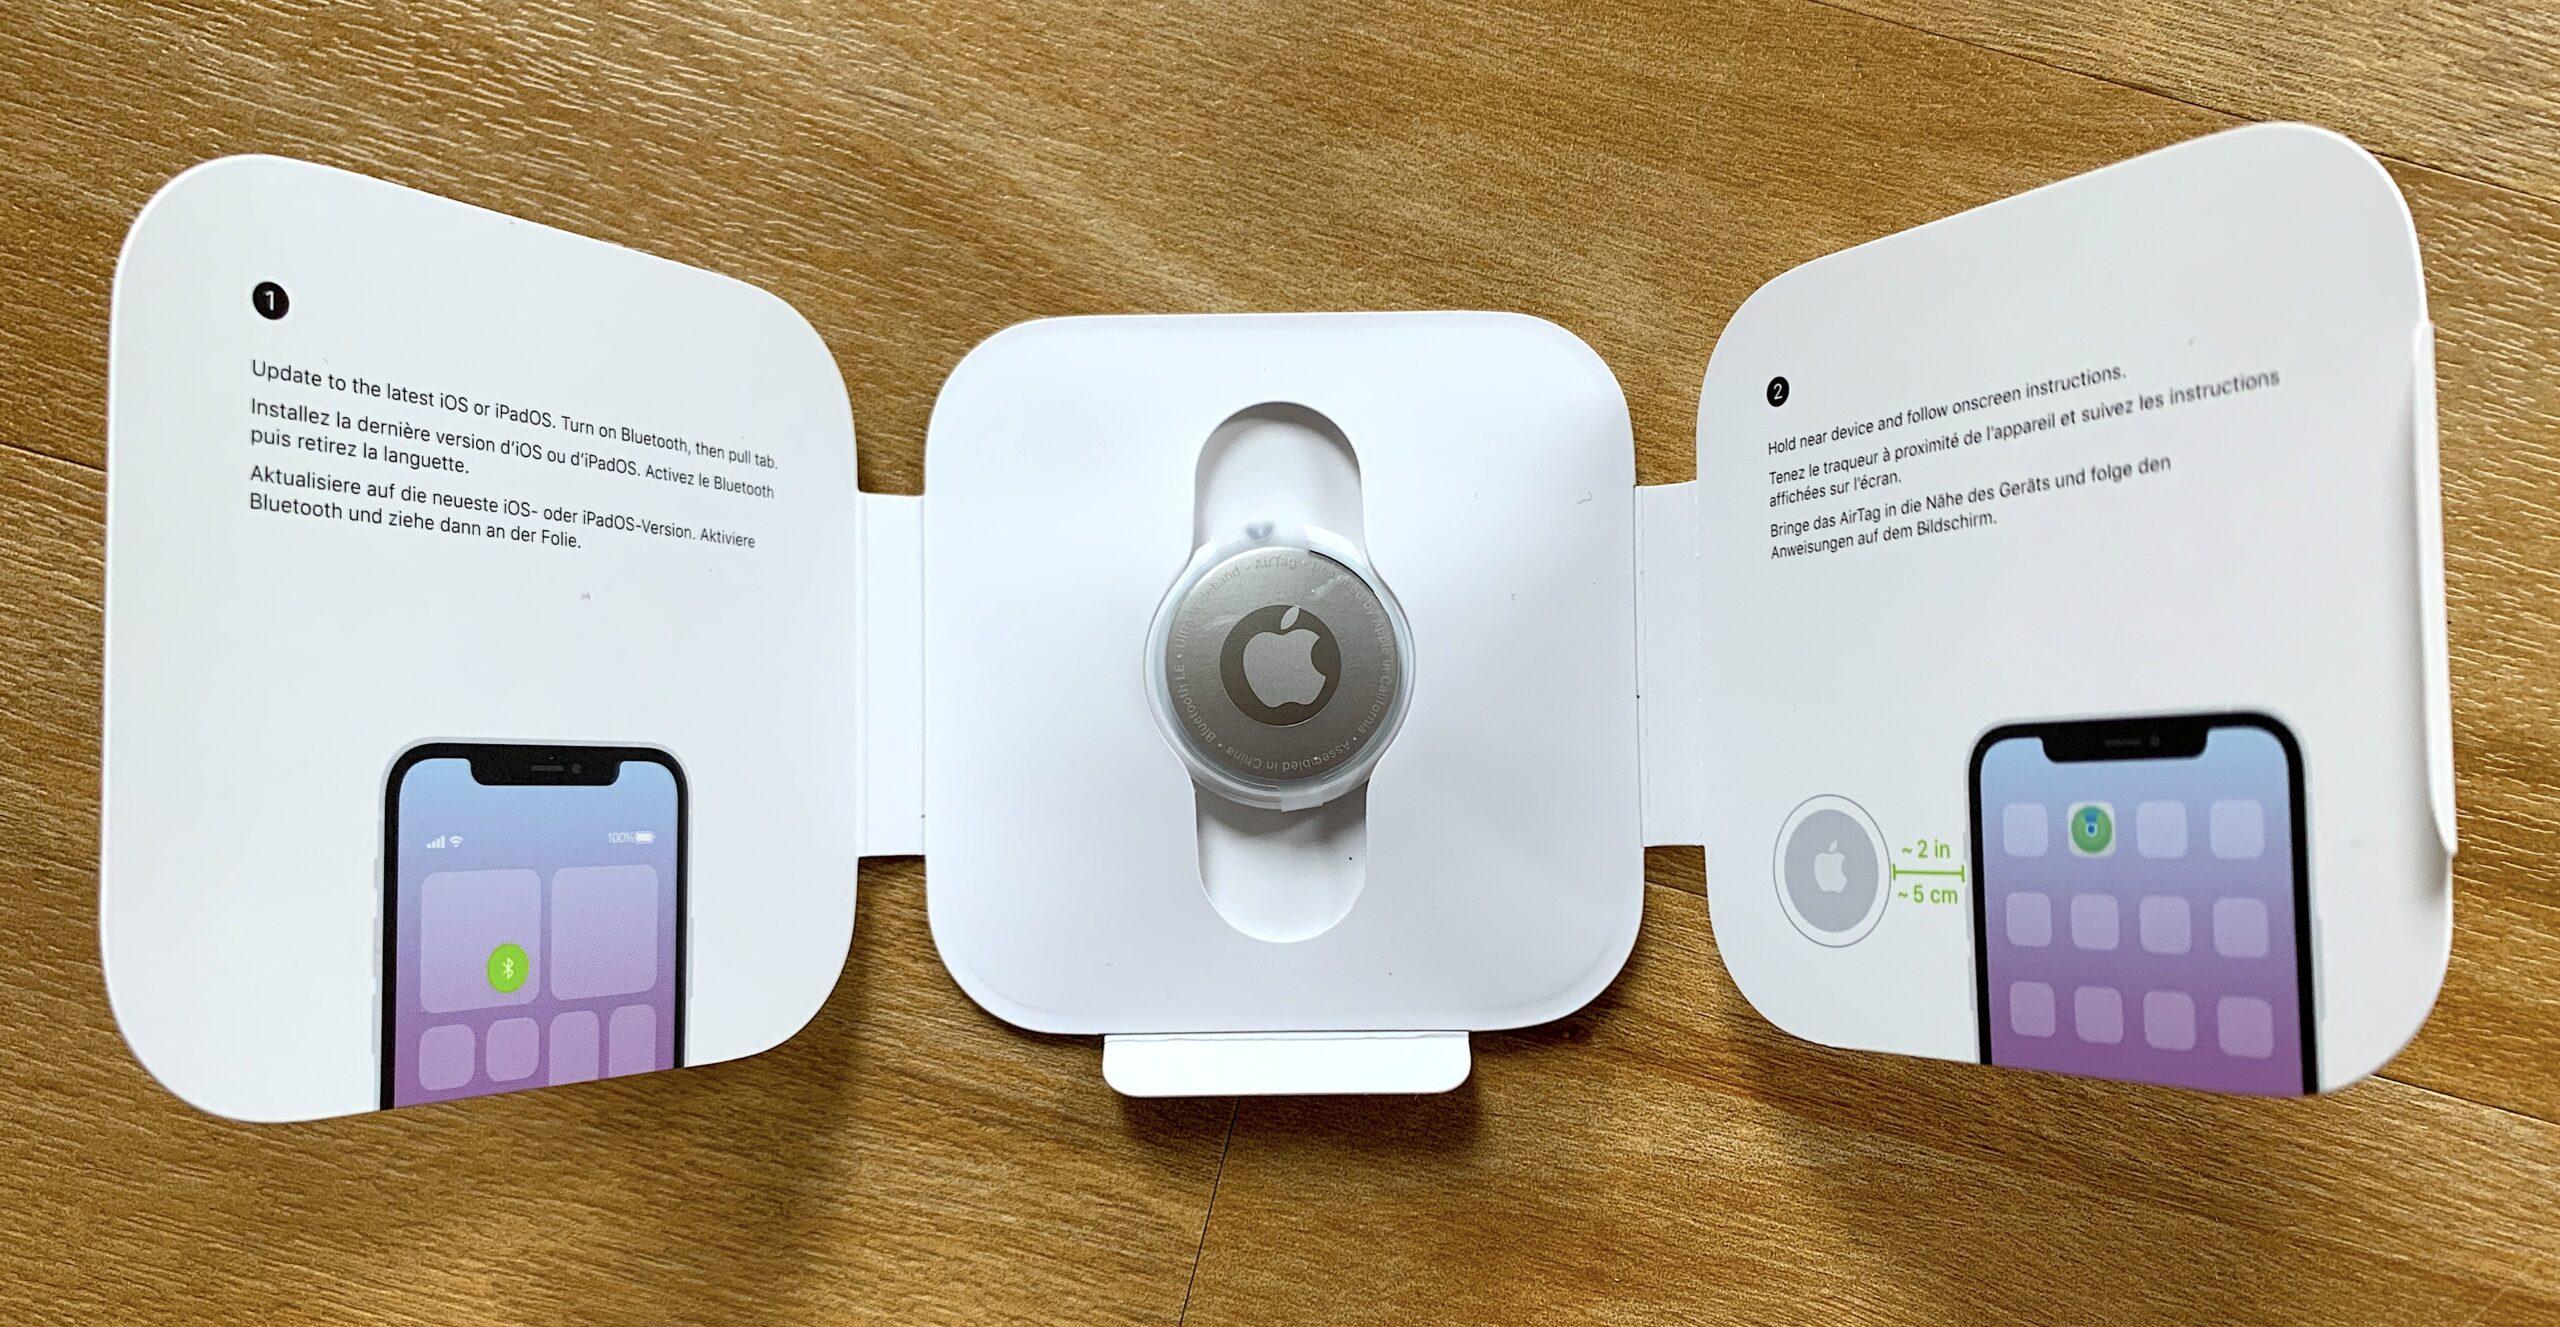 Apple AirTag open box